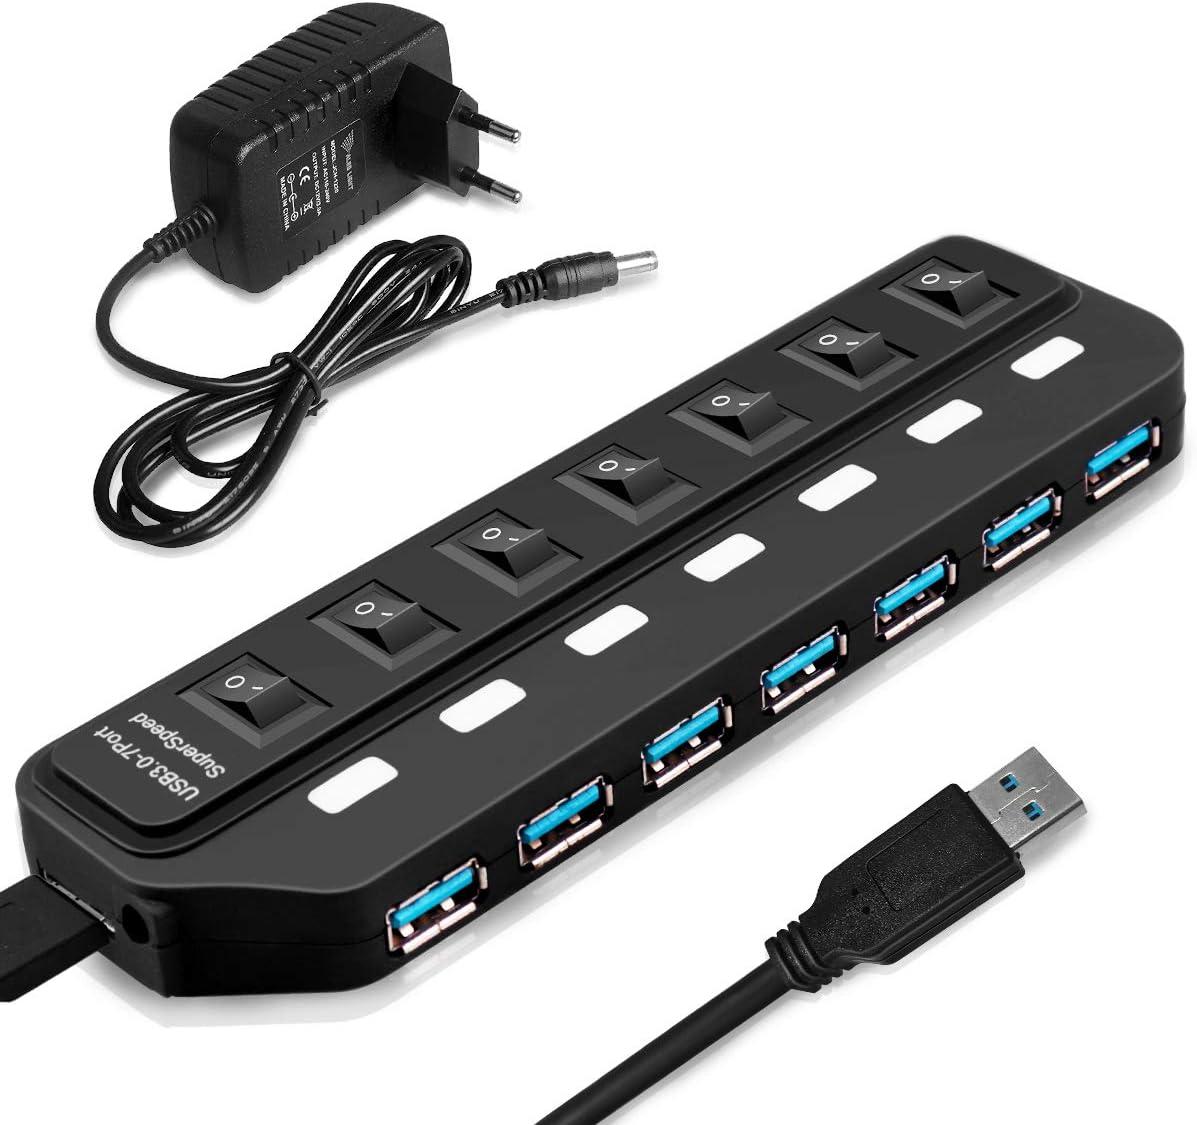 GROOFOO Hub USB 3.0 Alimentado de 7 Puertos Concentrador de Datos USB Divisor con Interruptores Individuales y Adaptador de Corriente Compatible con Windows/Mac/Linux